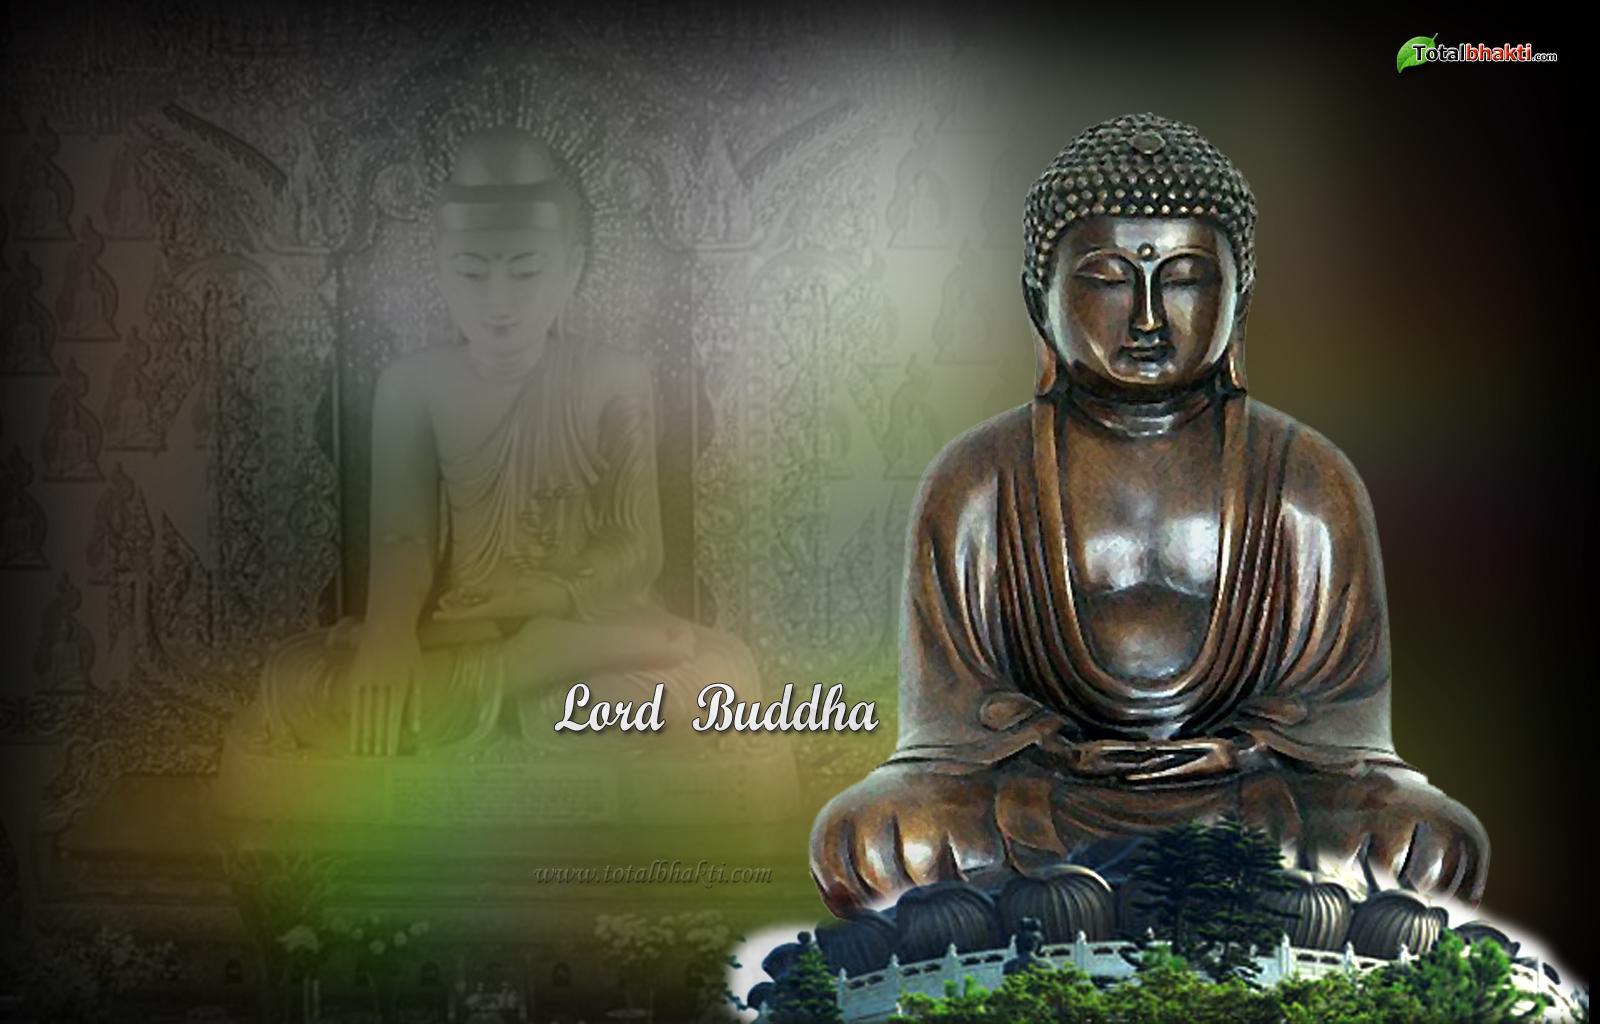 Gautam Buddha 3d Wallpaper Download High Definition Wallpapers Lord Buddha Wallpaper